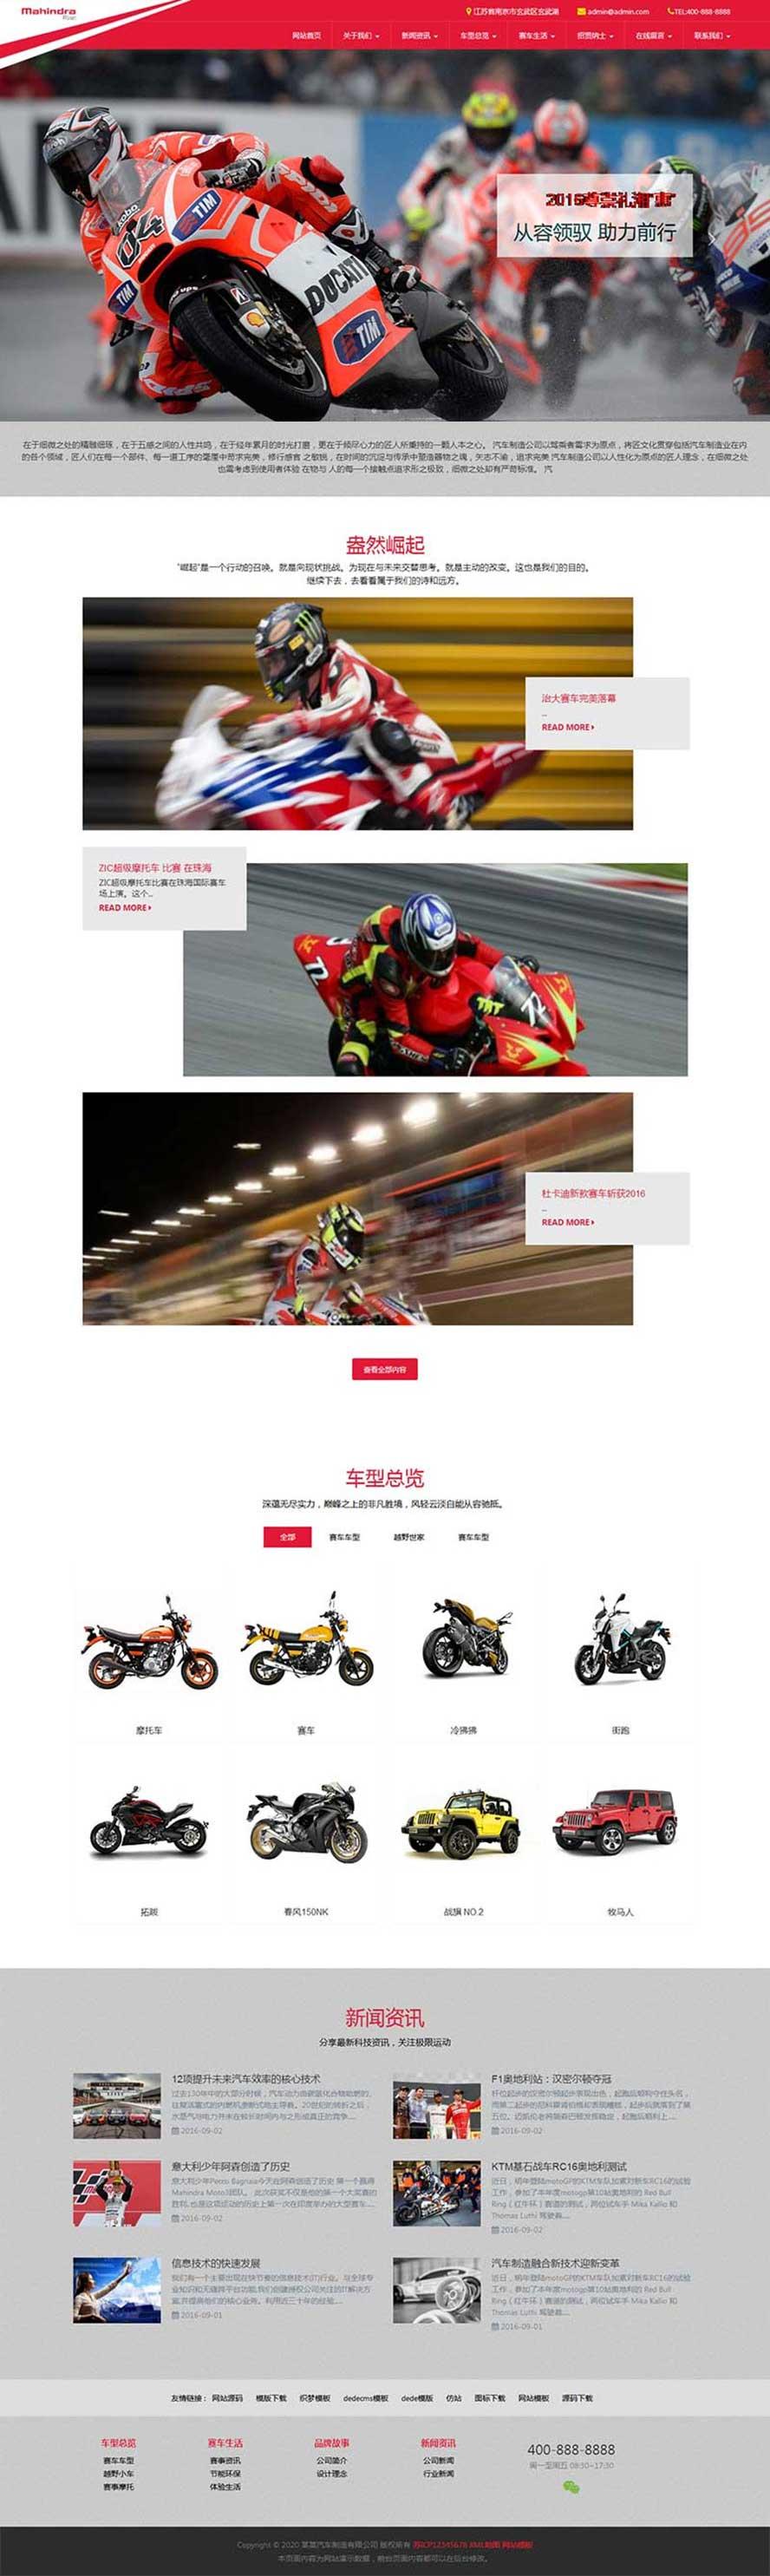 红色大气的高端摩托车汽车制造公司响应式网站源码